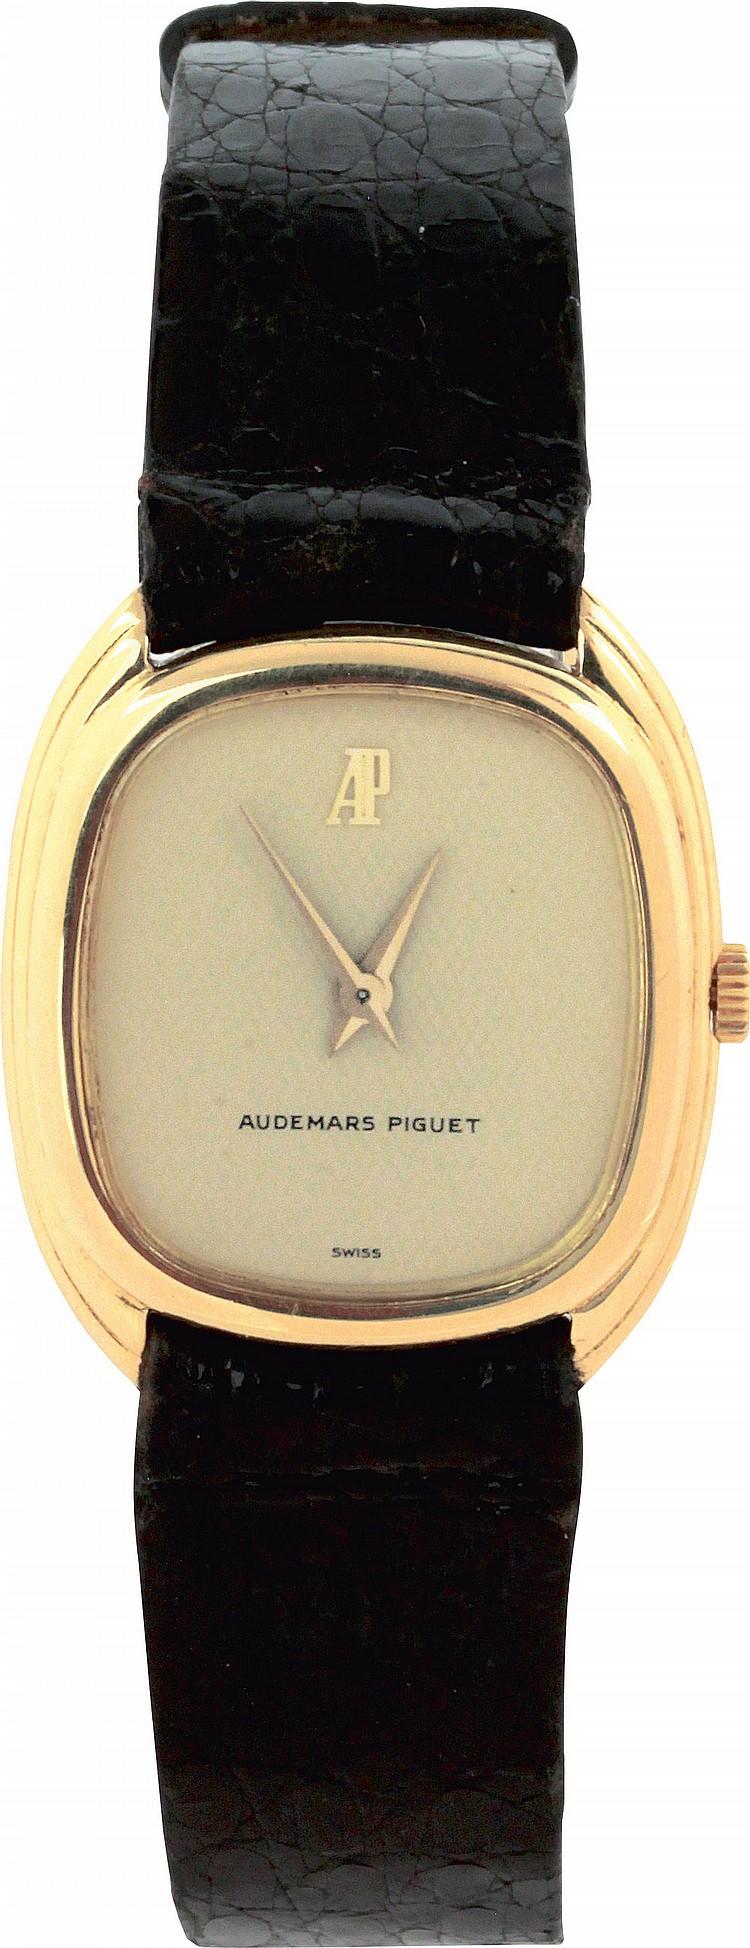 Audemars Piguet  ref. B70591, 1990